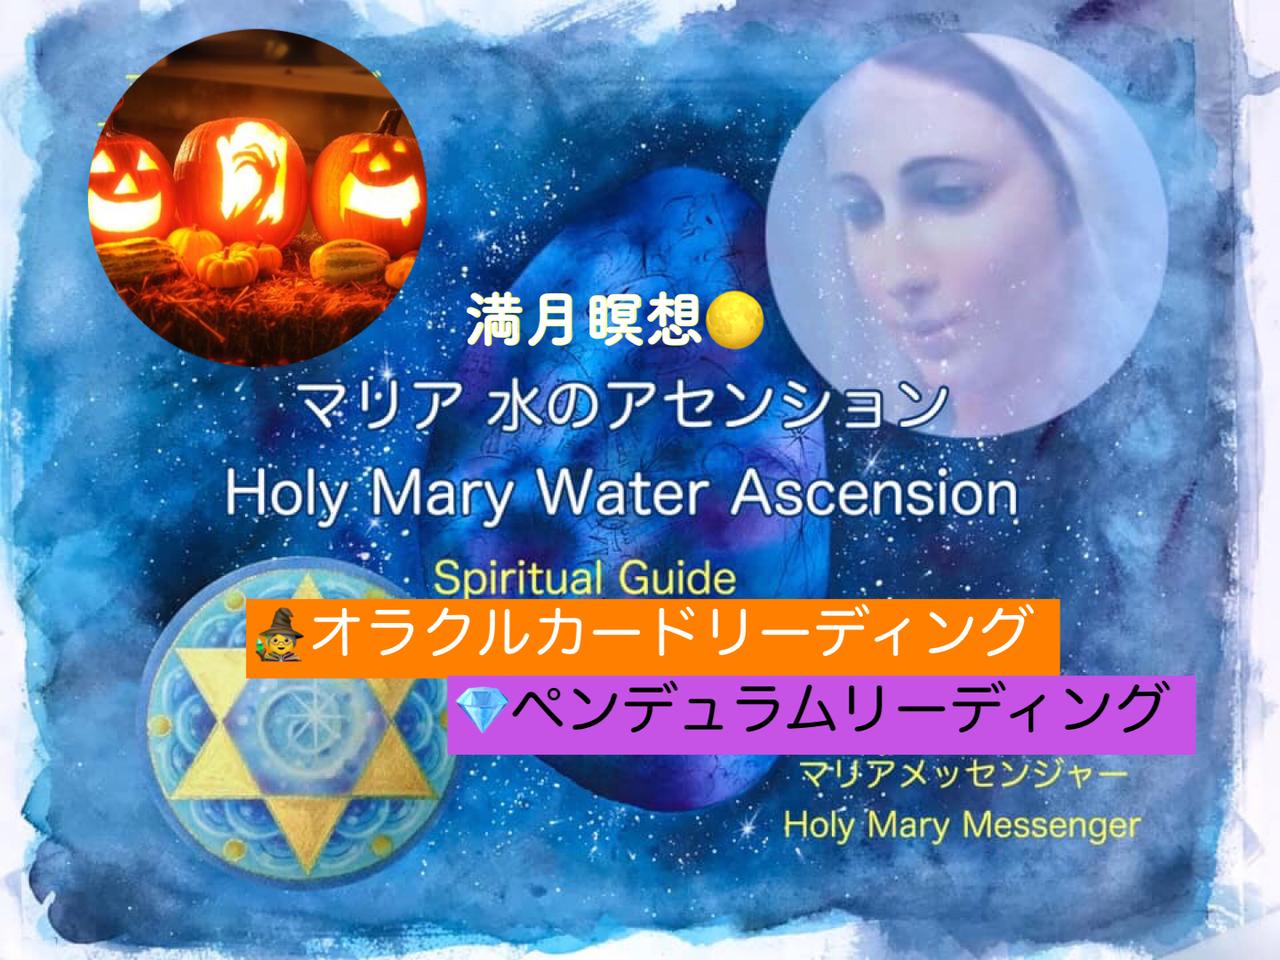 聖マリア満月瞑想 Holy Mary's full moon meditation Zoom online